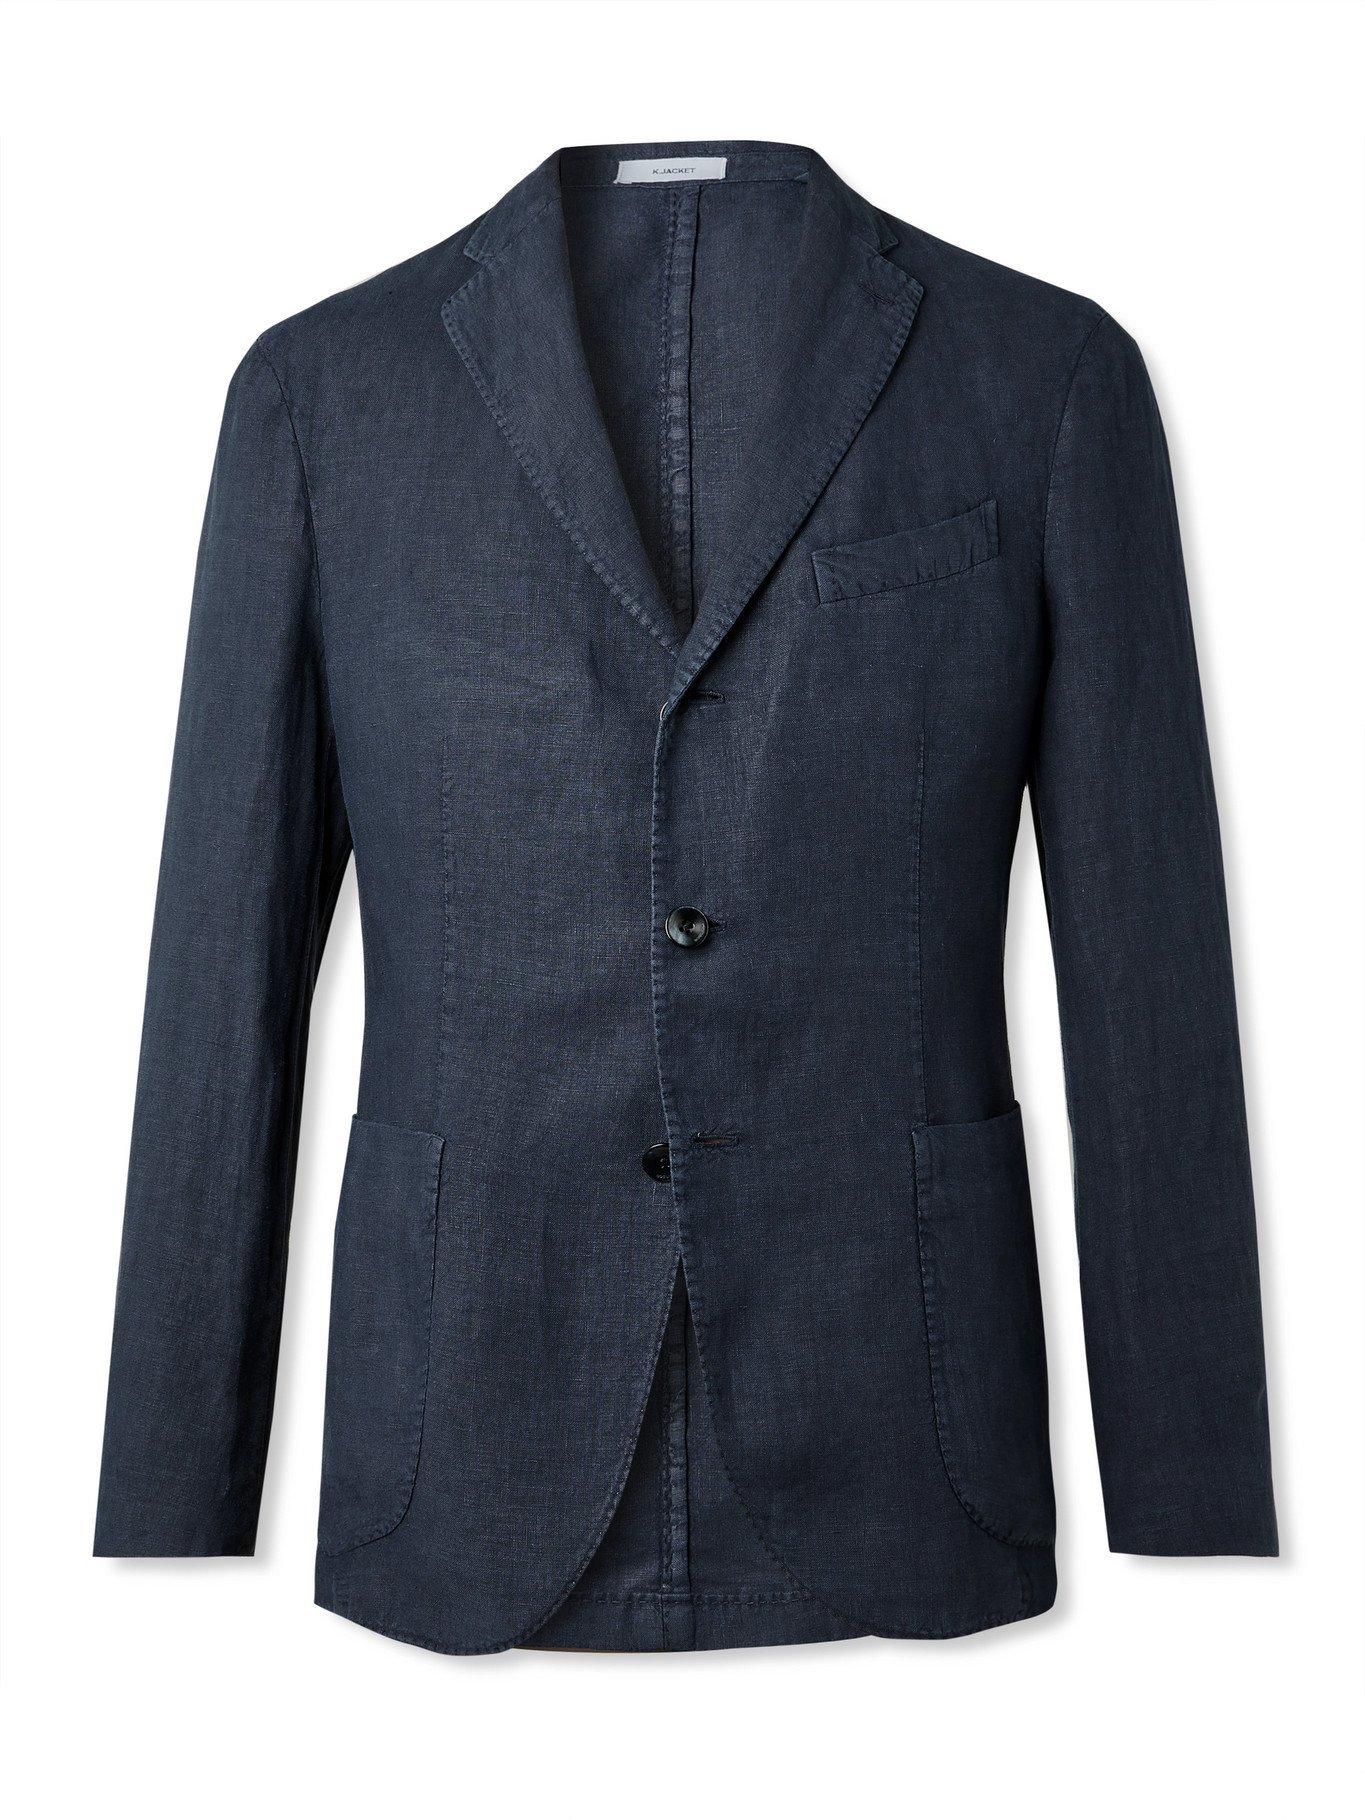 BOGLIOLI - Linen Suit Jacket - Blue